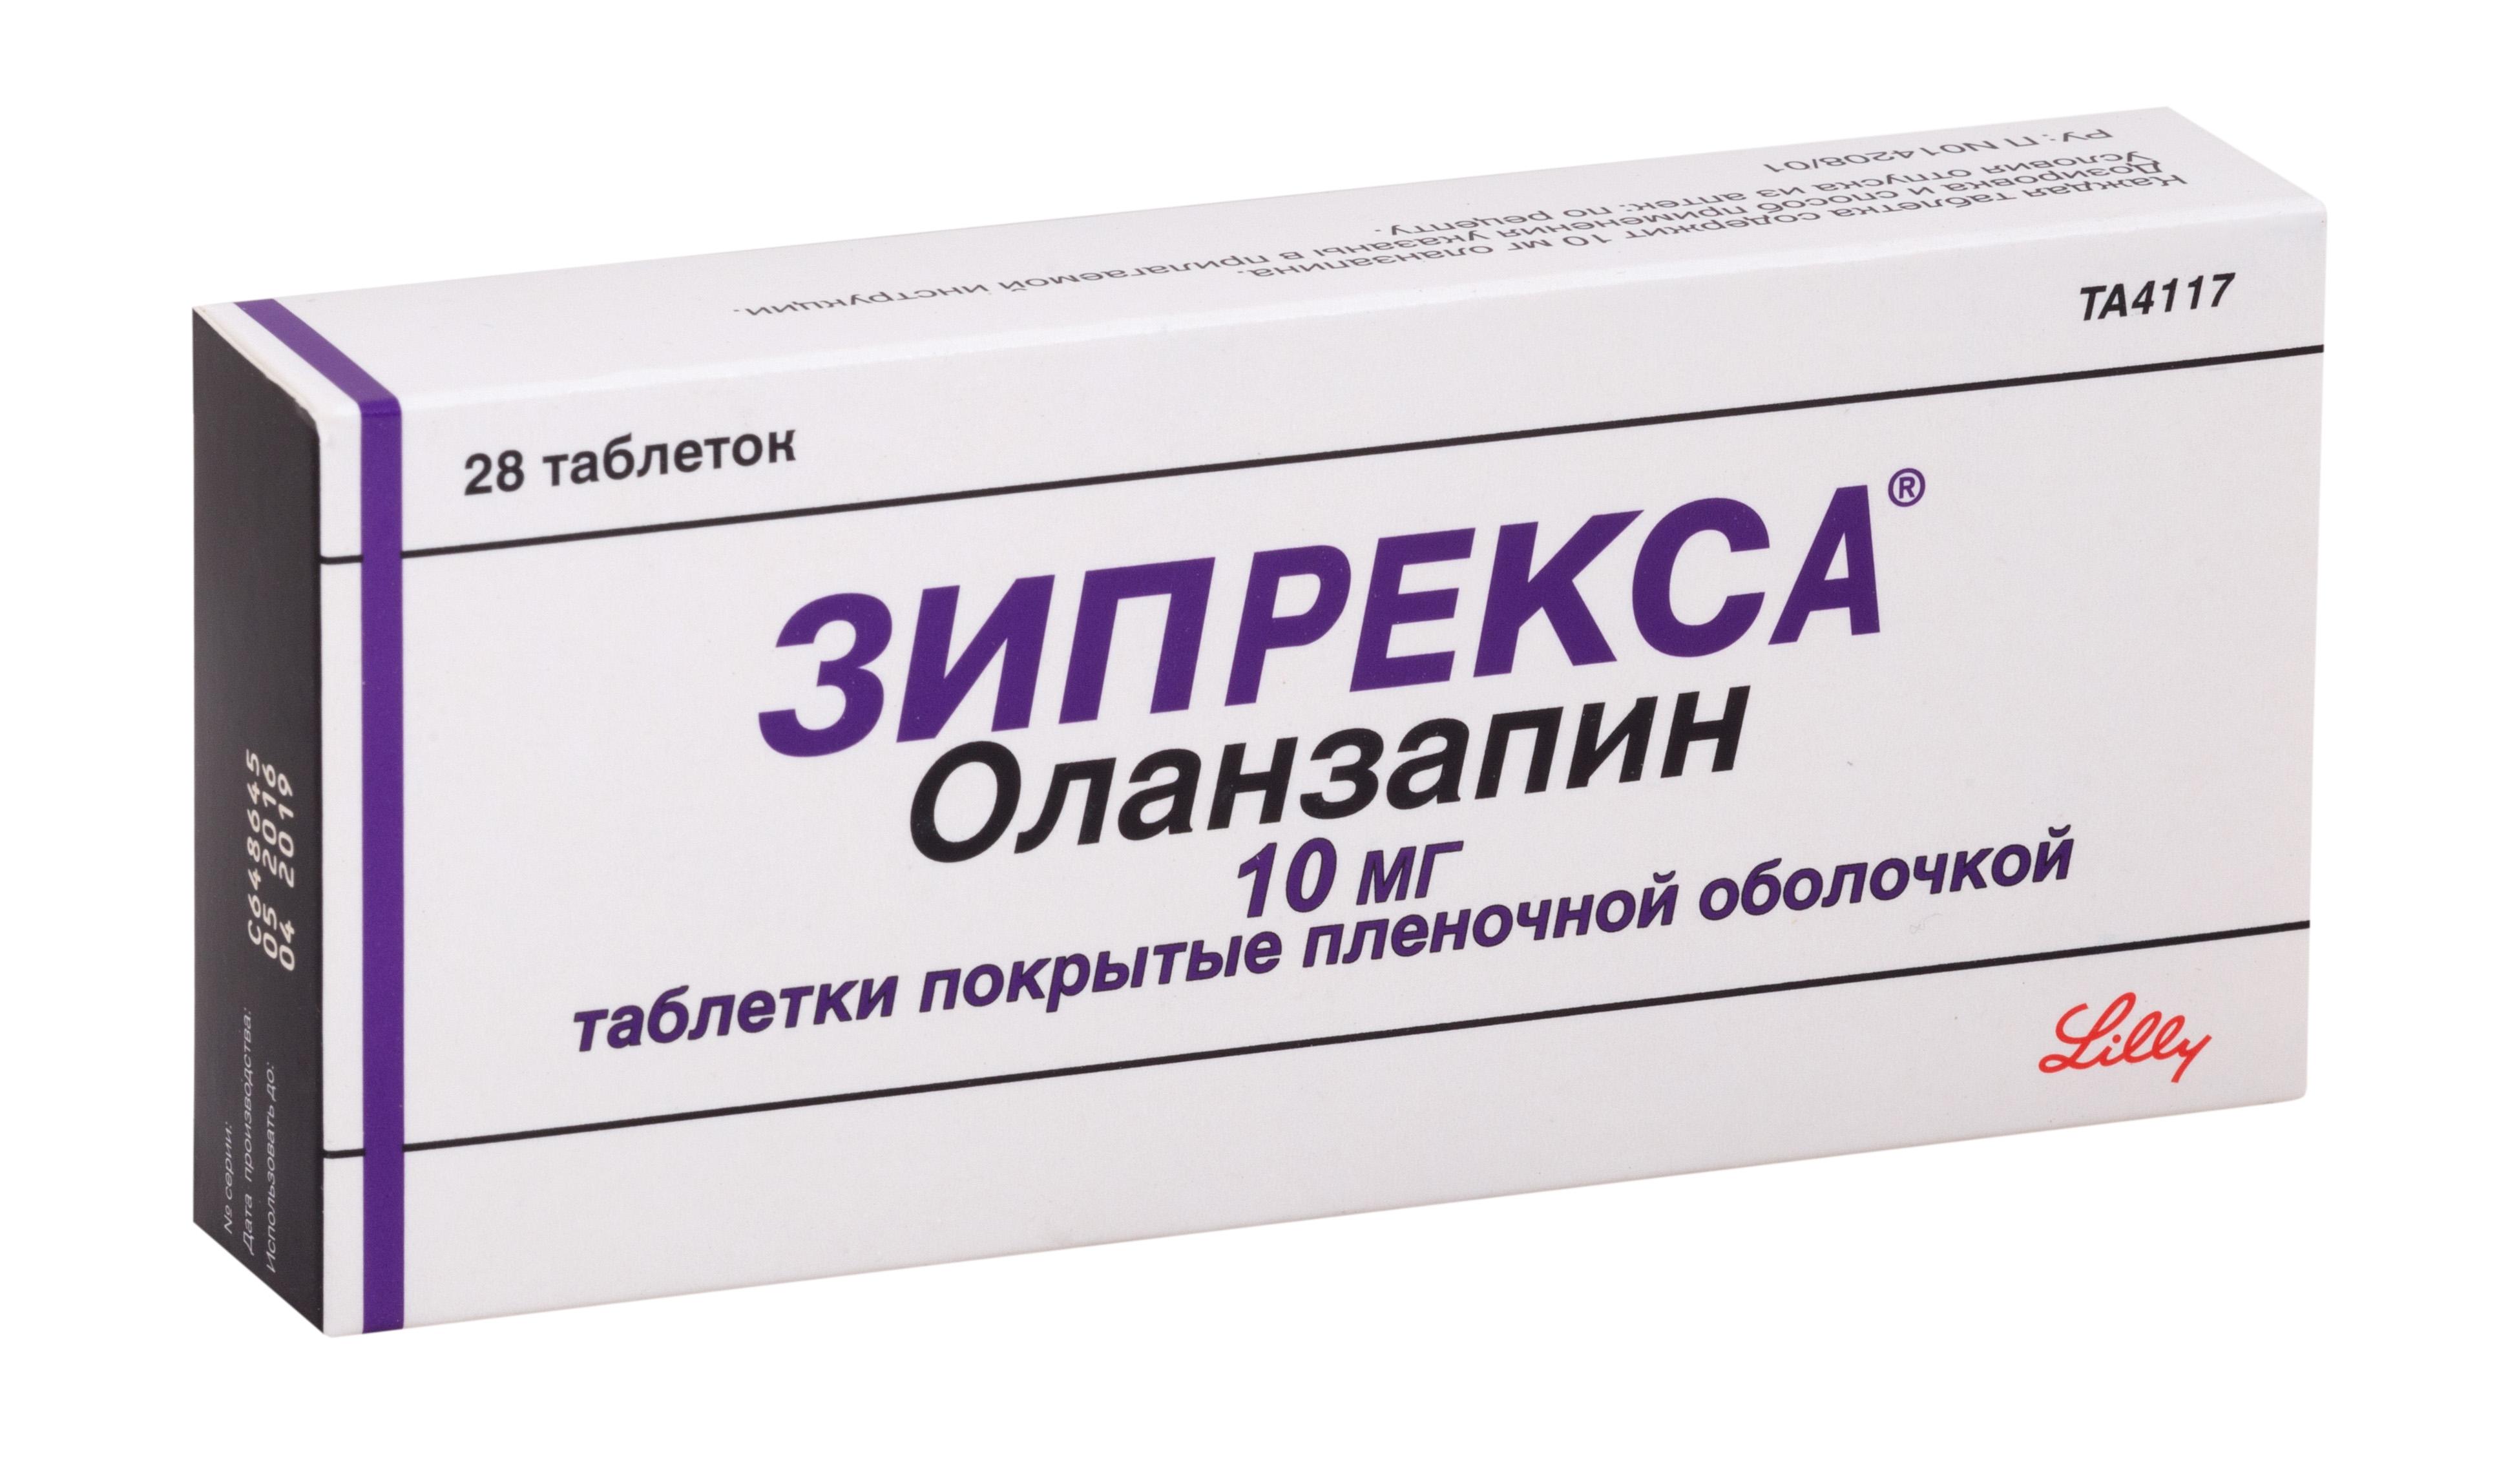 Зипрекса таб. п.п.о. 10мг n28